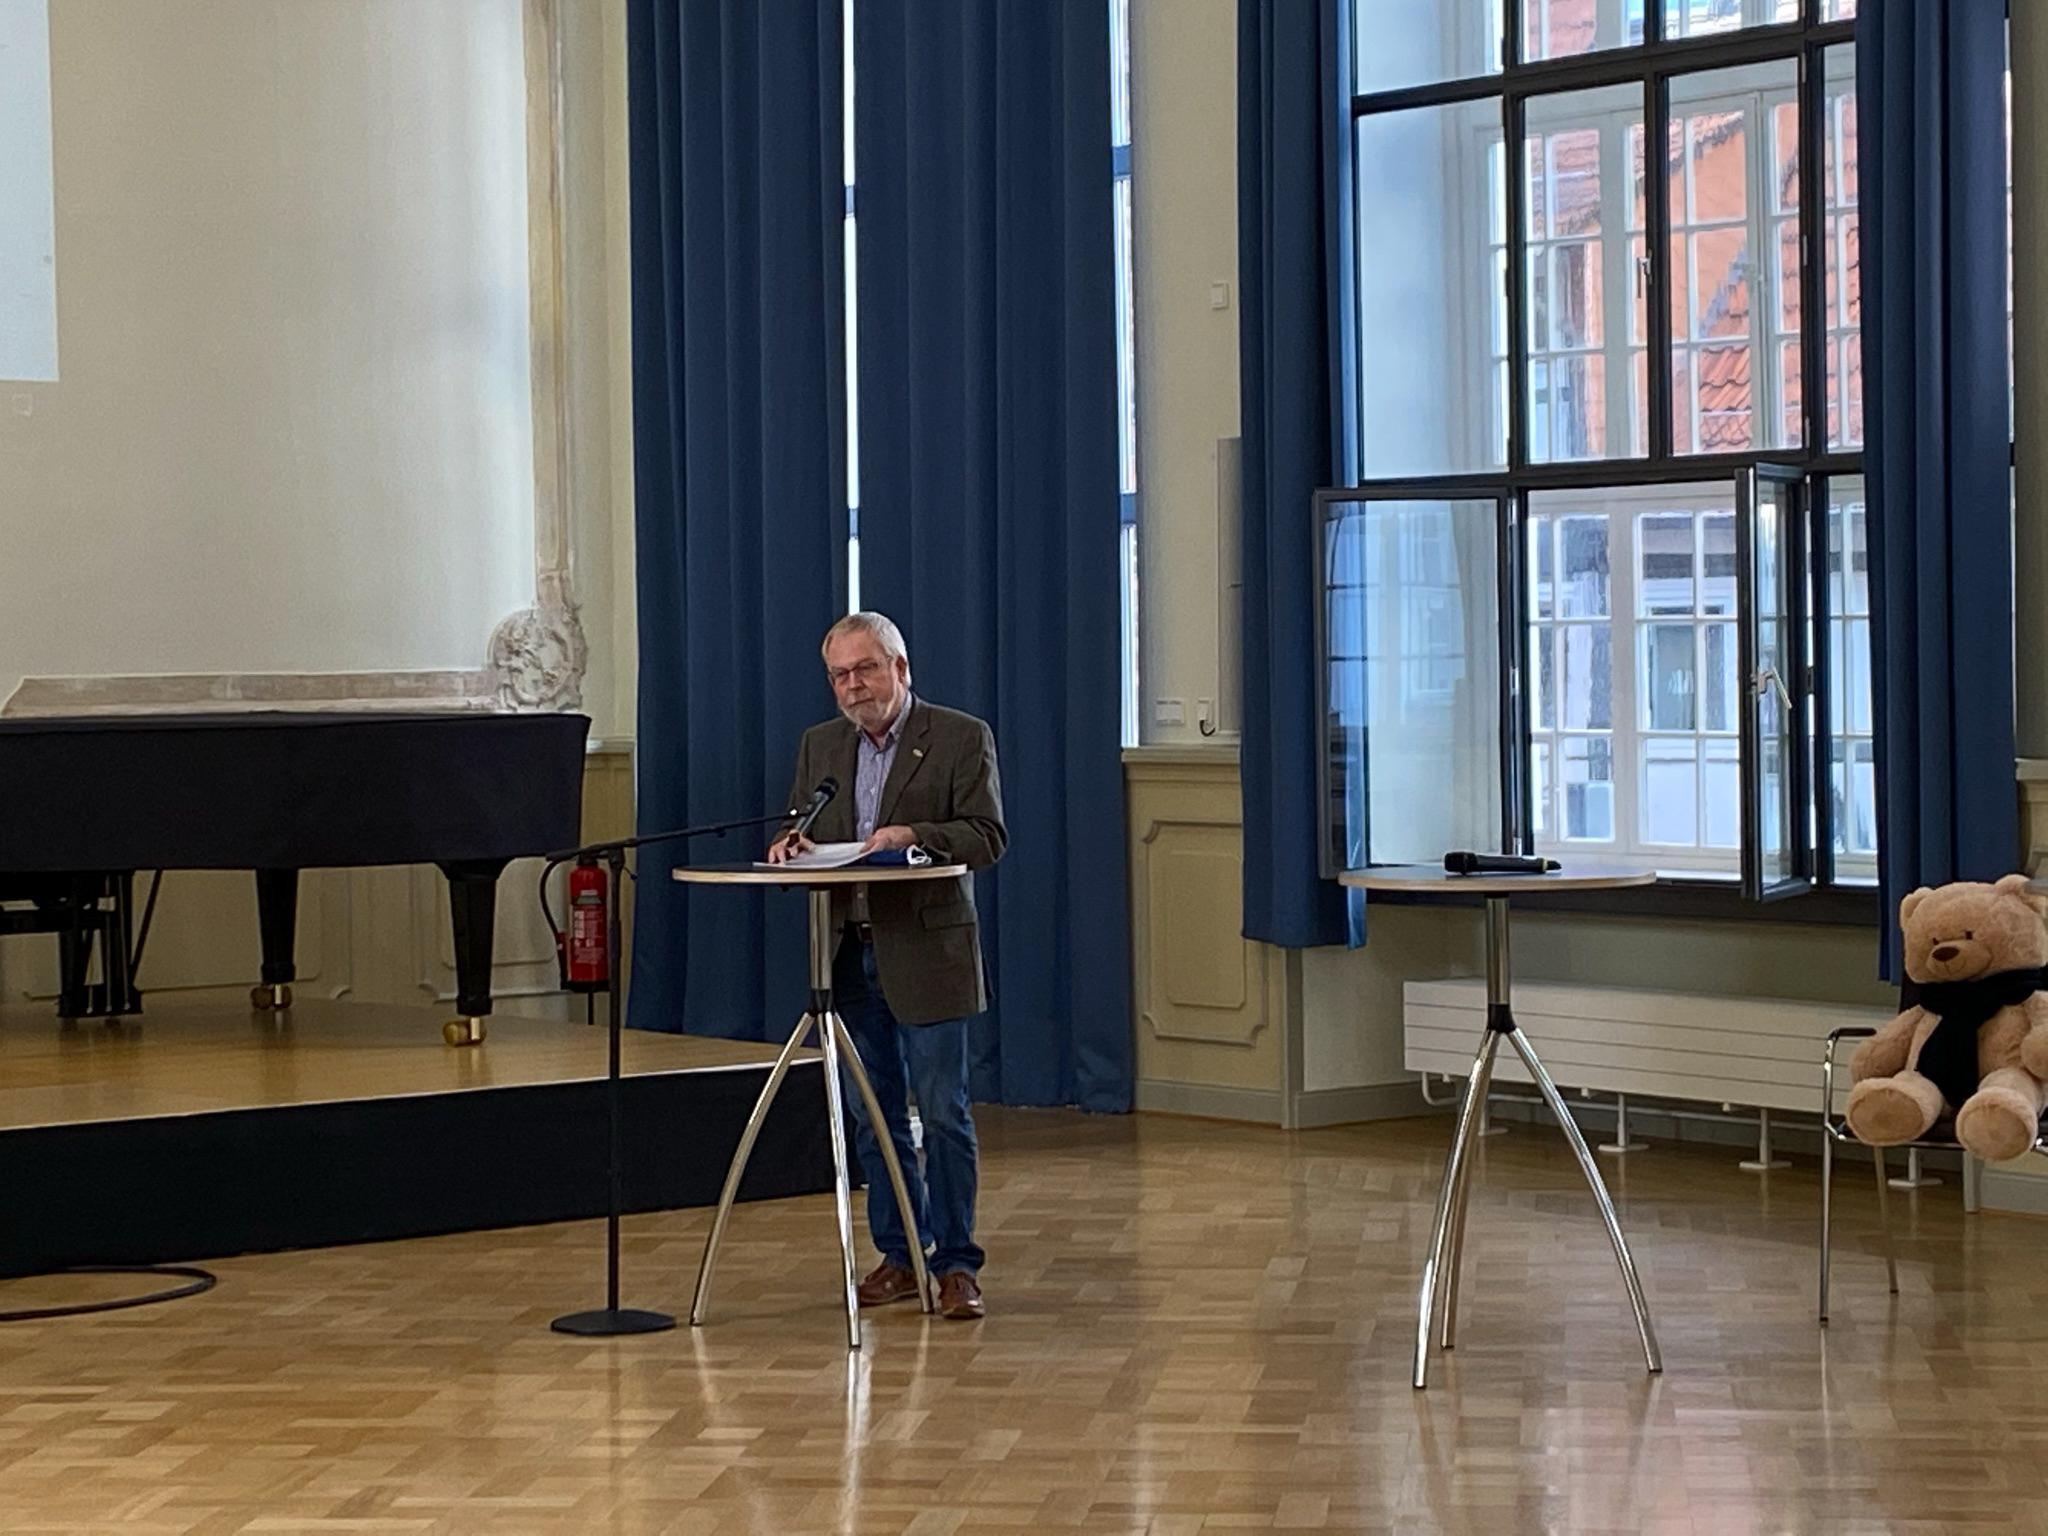 Bild von Vizepräsidentin Prof. Dr. Bührmann